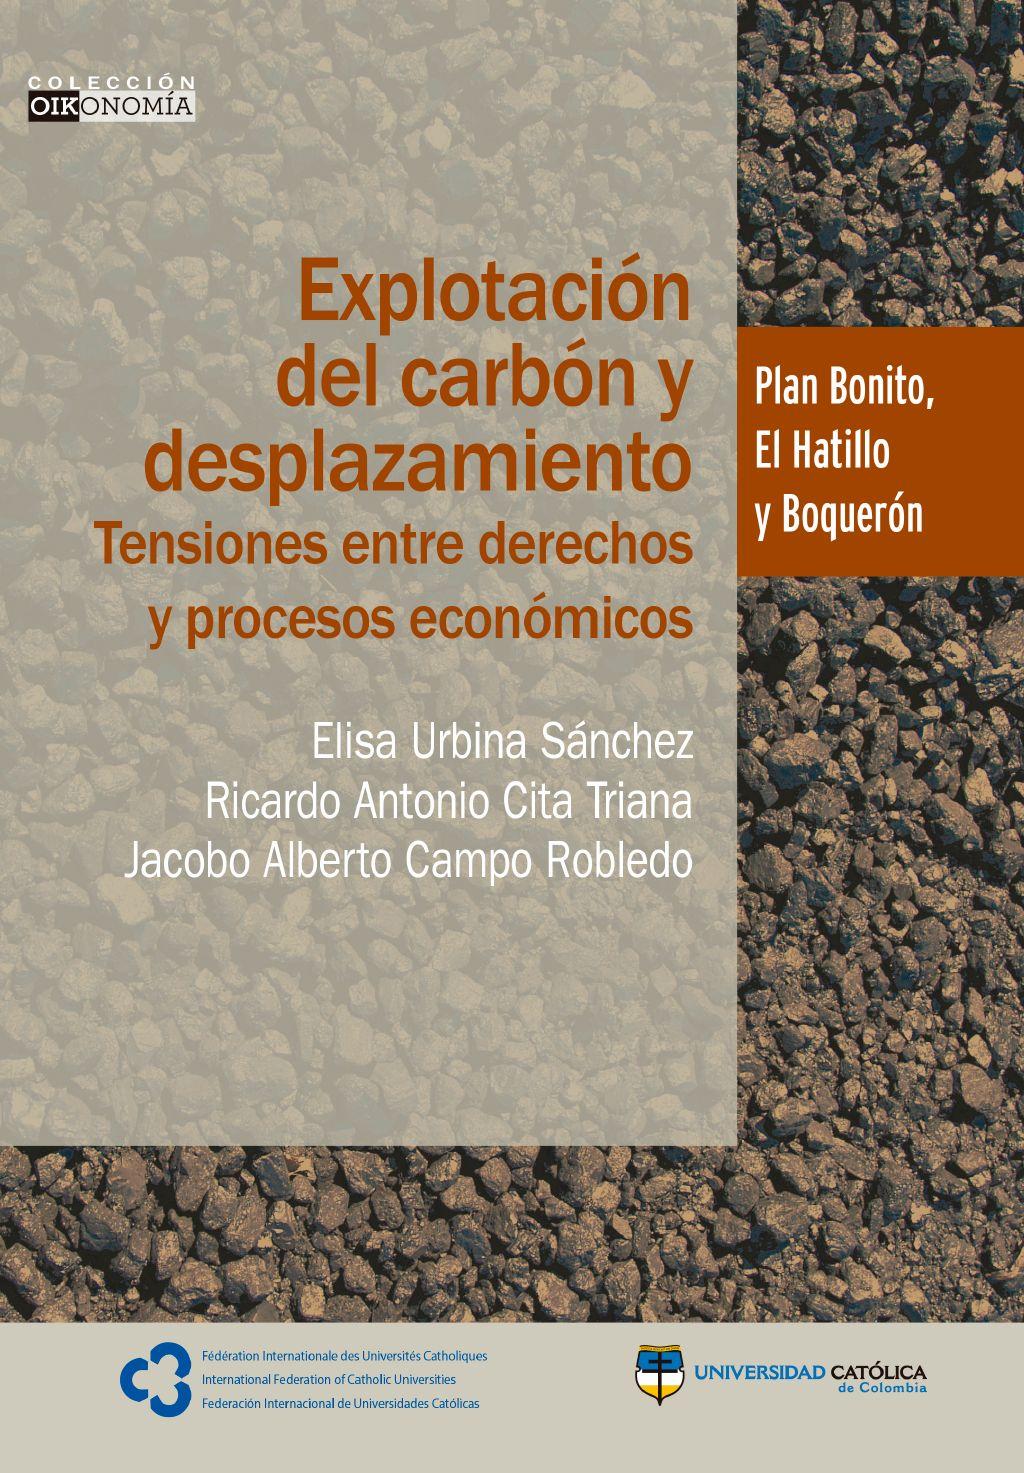 Explotación del carbón y desplazamiento: tensiones entre derechos y procesos económicos